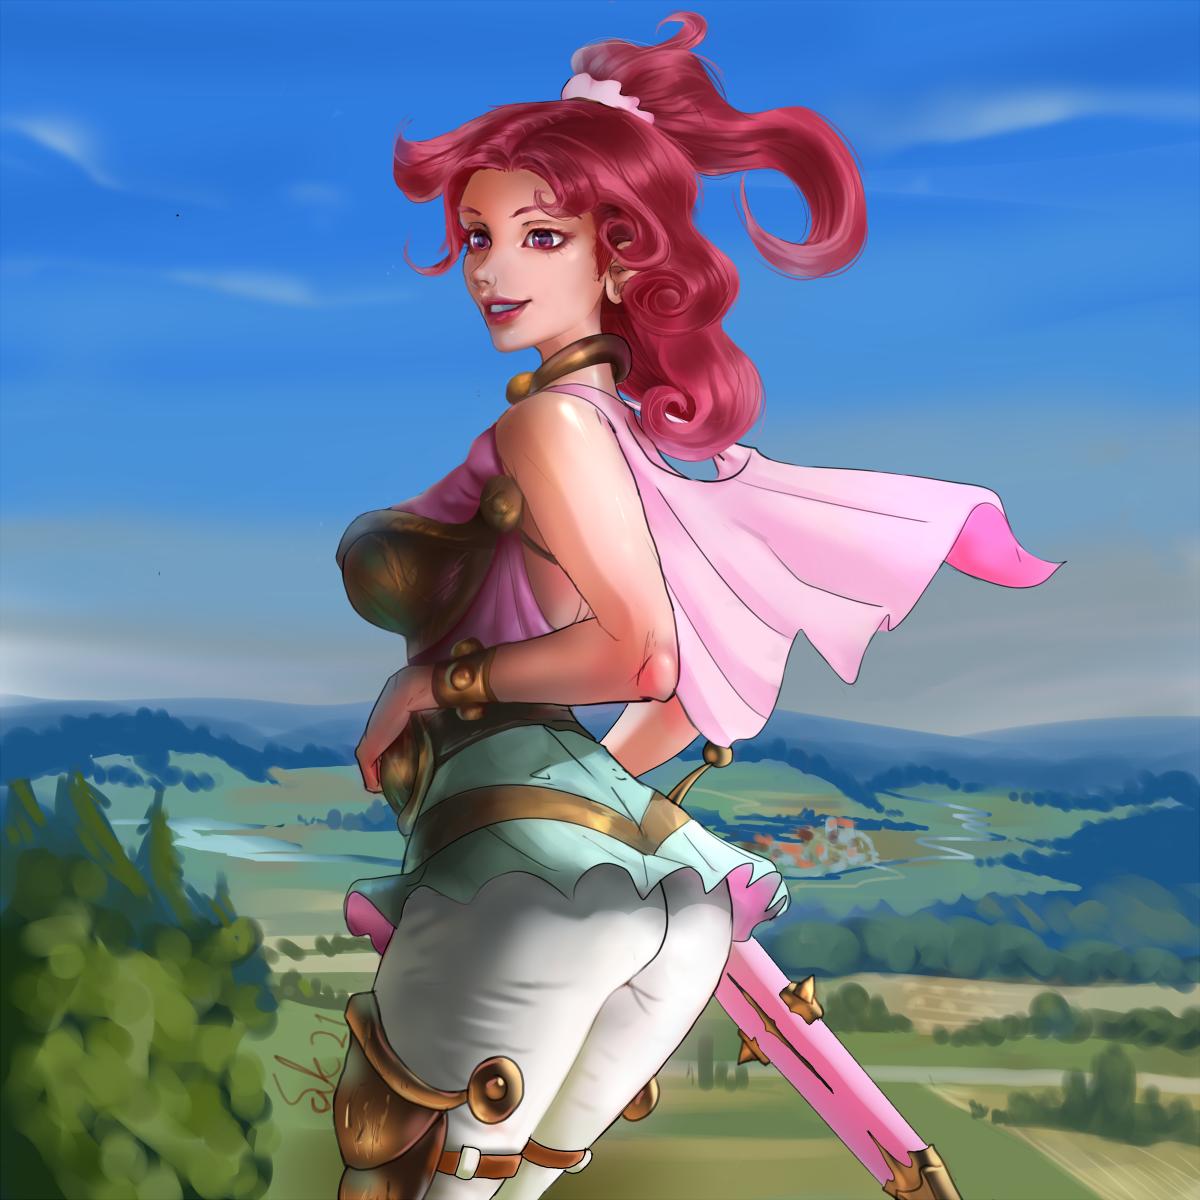 Rose swordmaiden